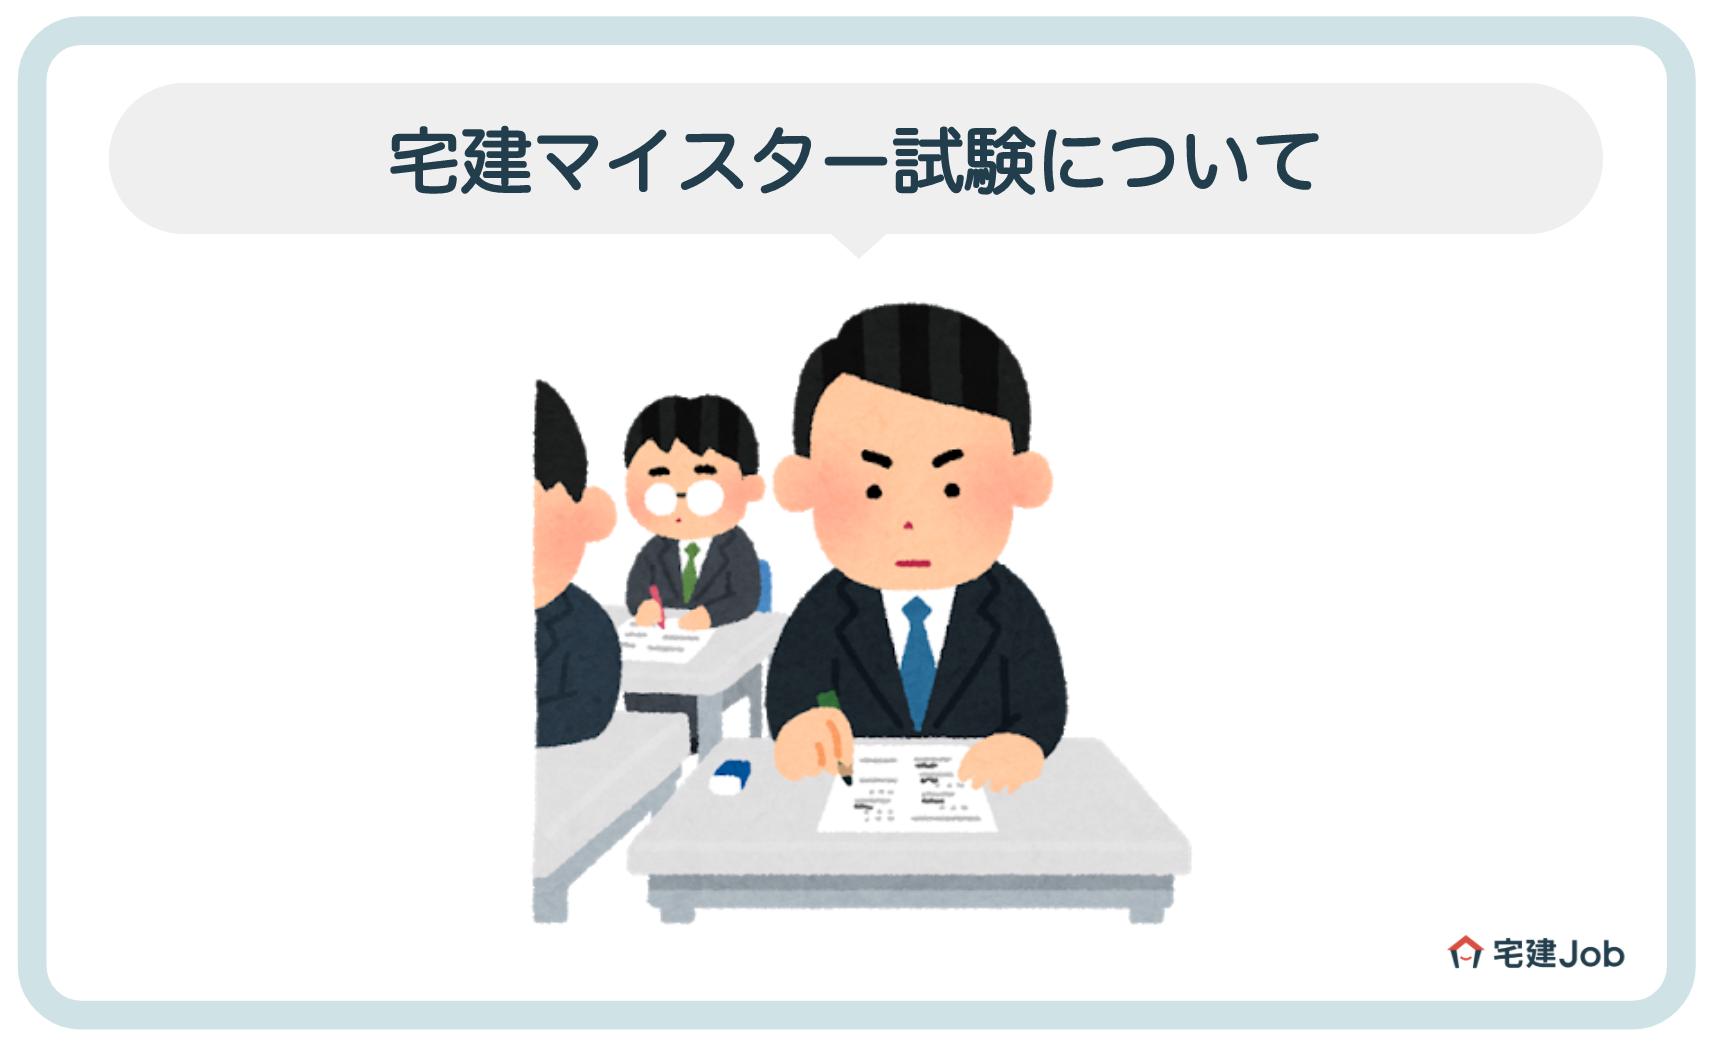 5.宅建マイスター認定試験について